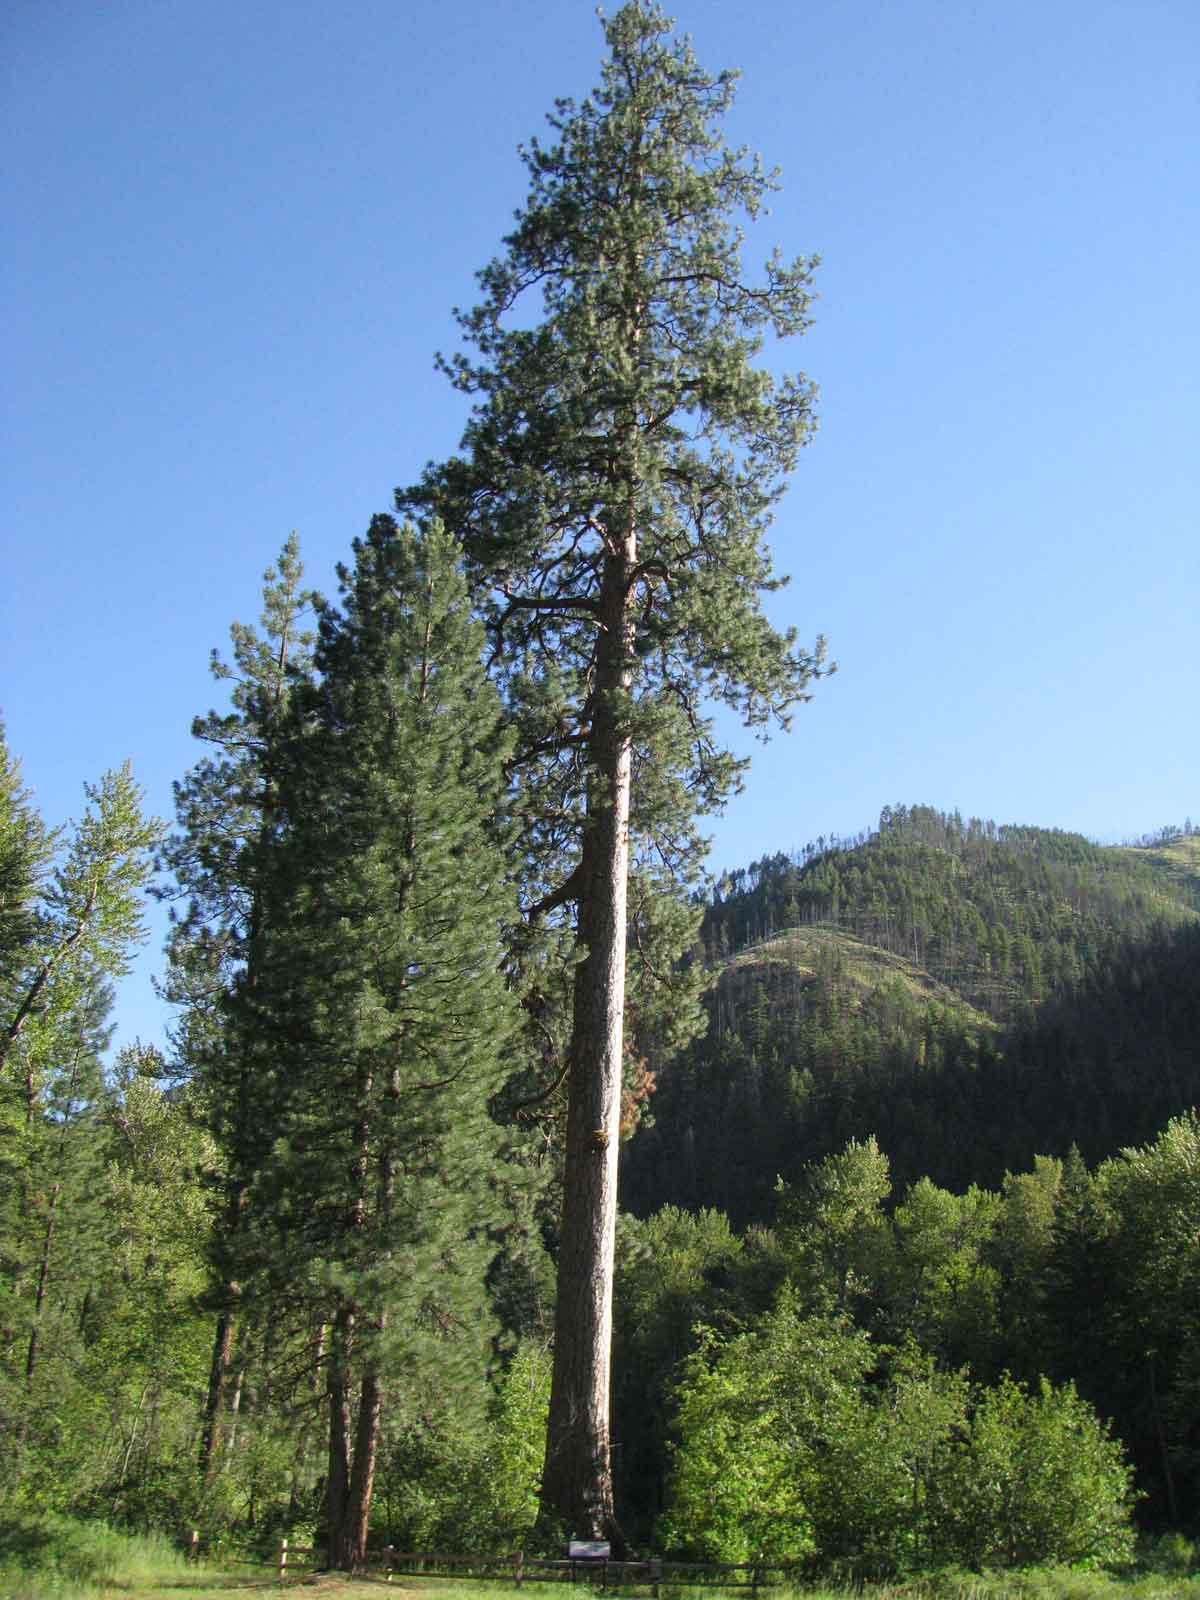 Ponderosa Pine Tree Images Ponderosa Pine Tree Im...